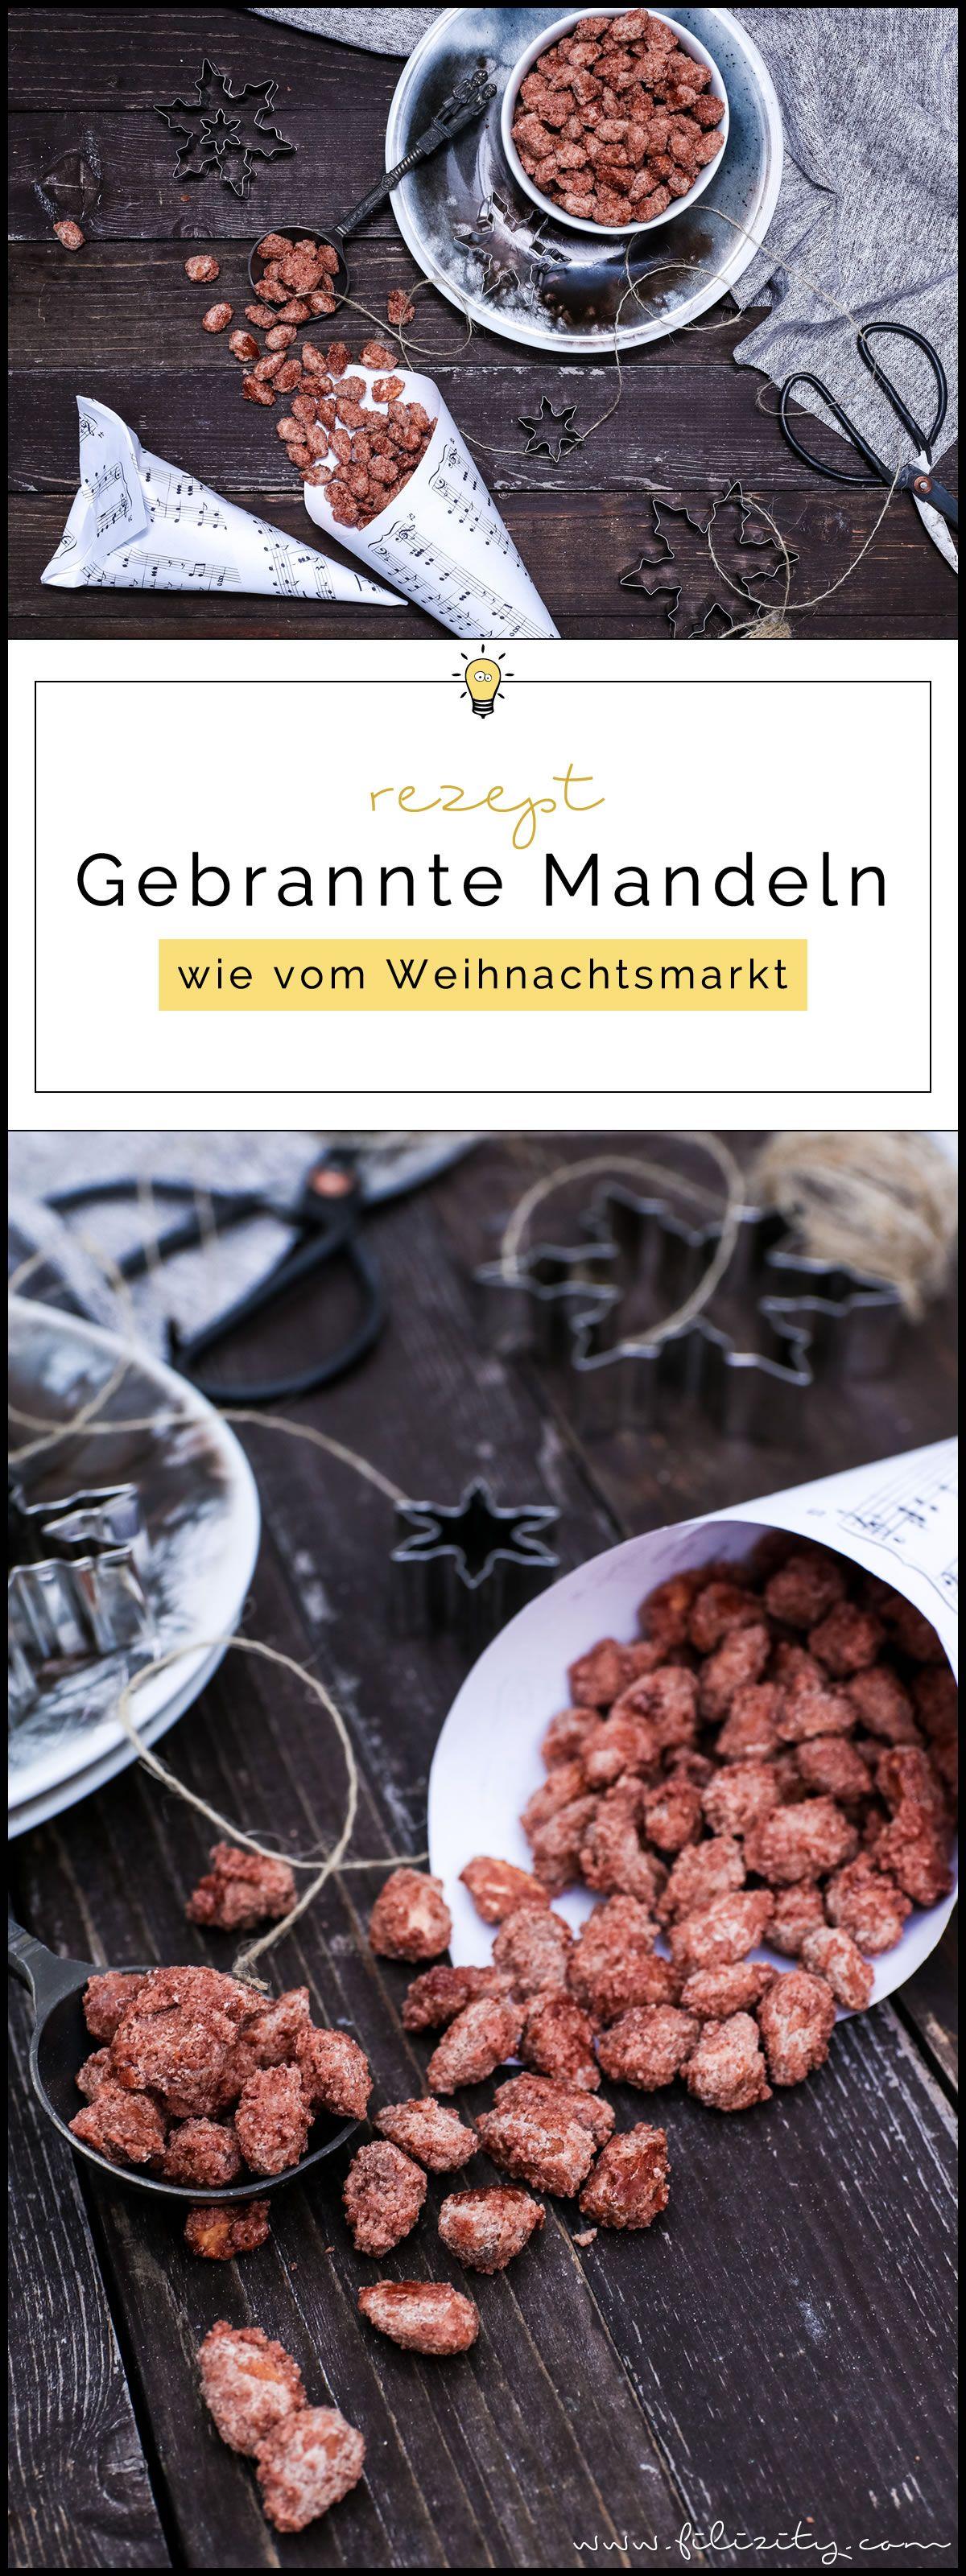 Gebrannte Mandeln wie vom Weihnachtsmarkt | Filizity.com | Food-Blog aus dem Rheinland